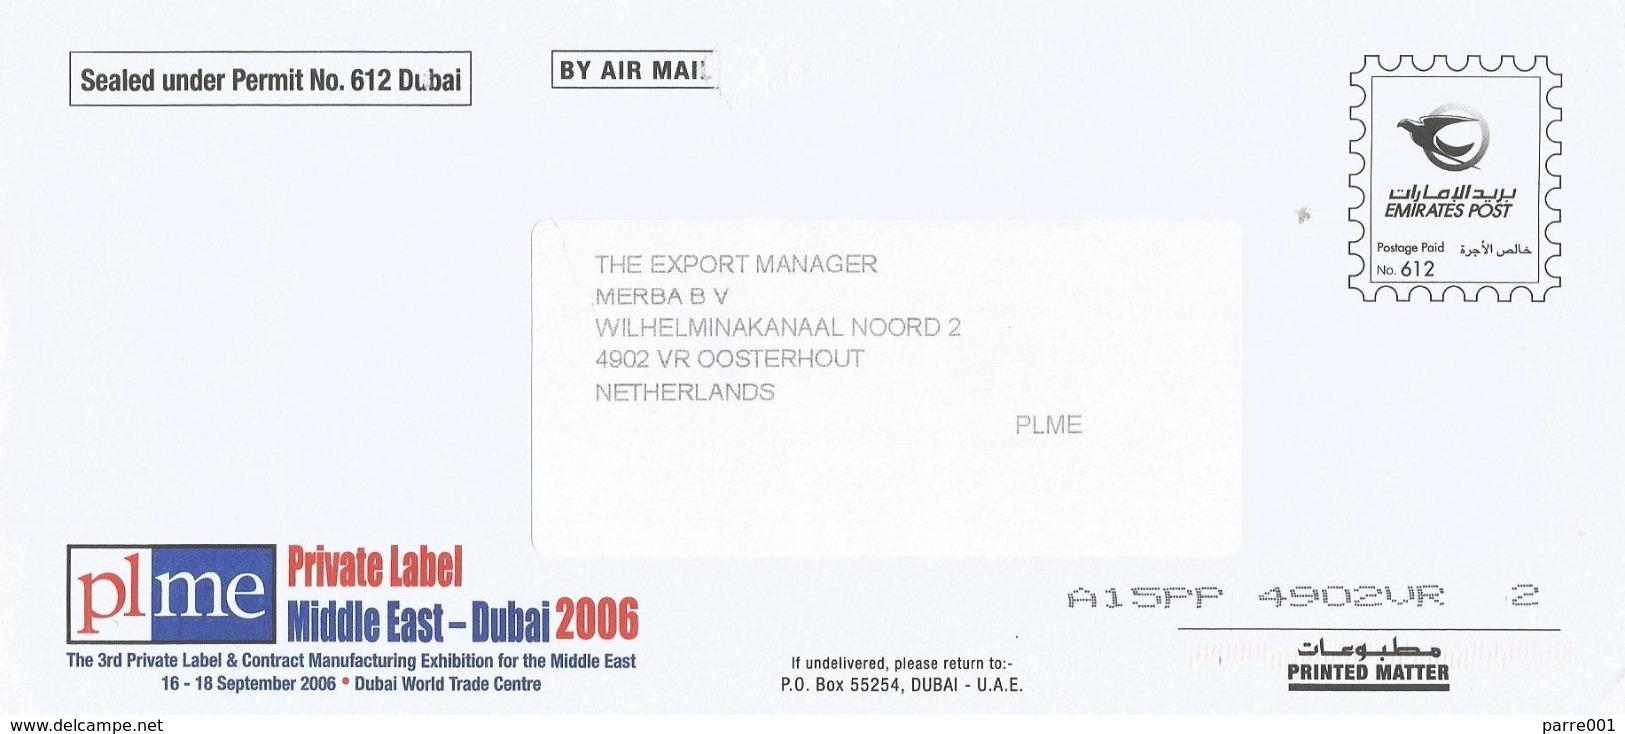 United Arab Emirates UAE 2006 Dubai Postage Paid Permit No. 612 Cover - Verenigde Arabische Emiraten